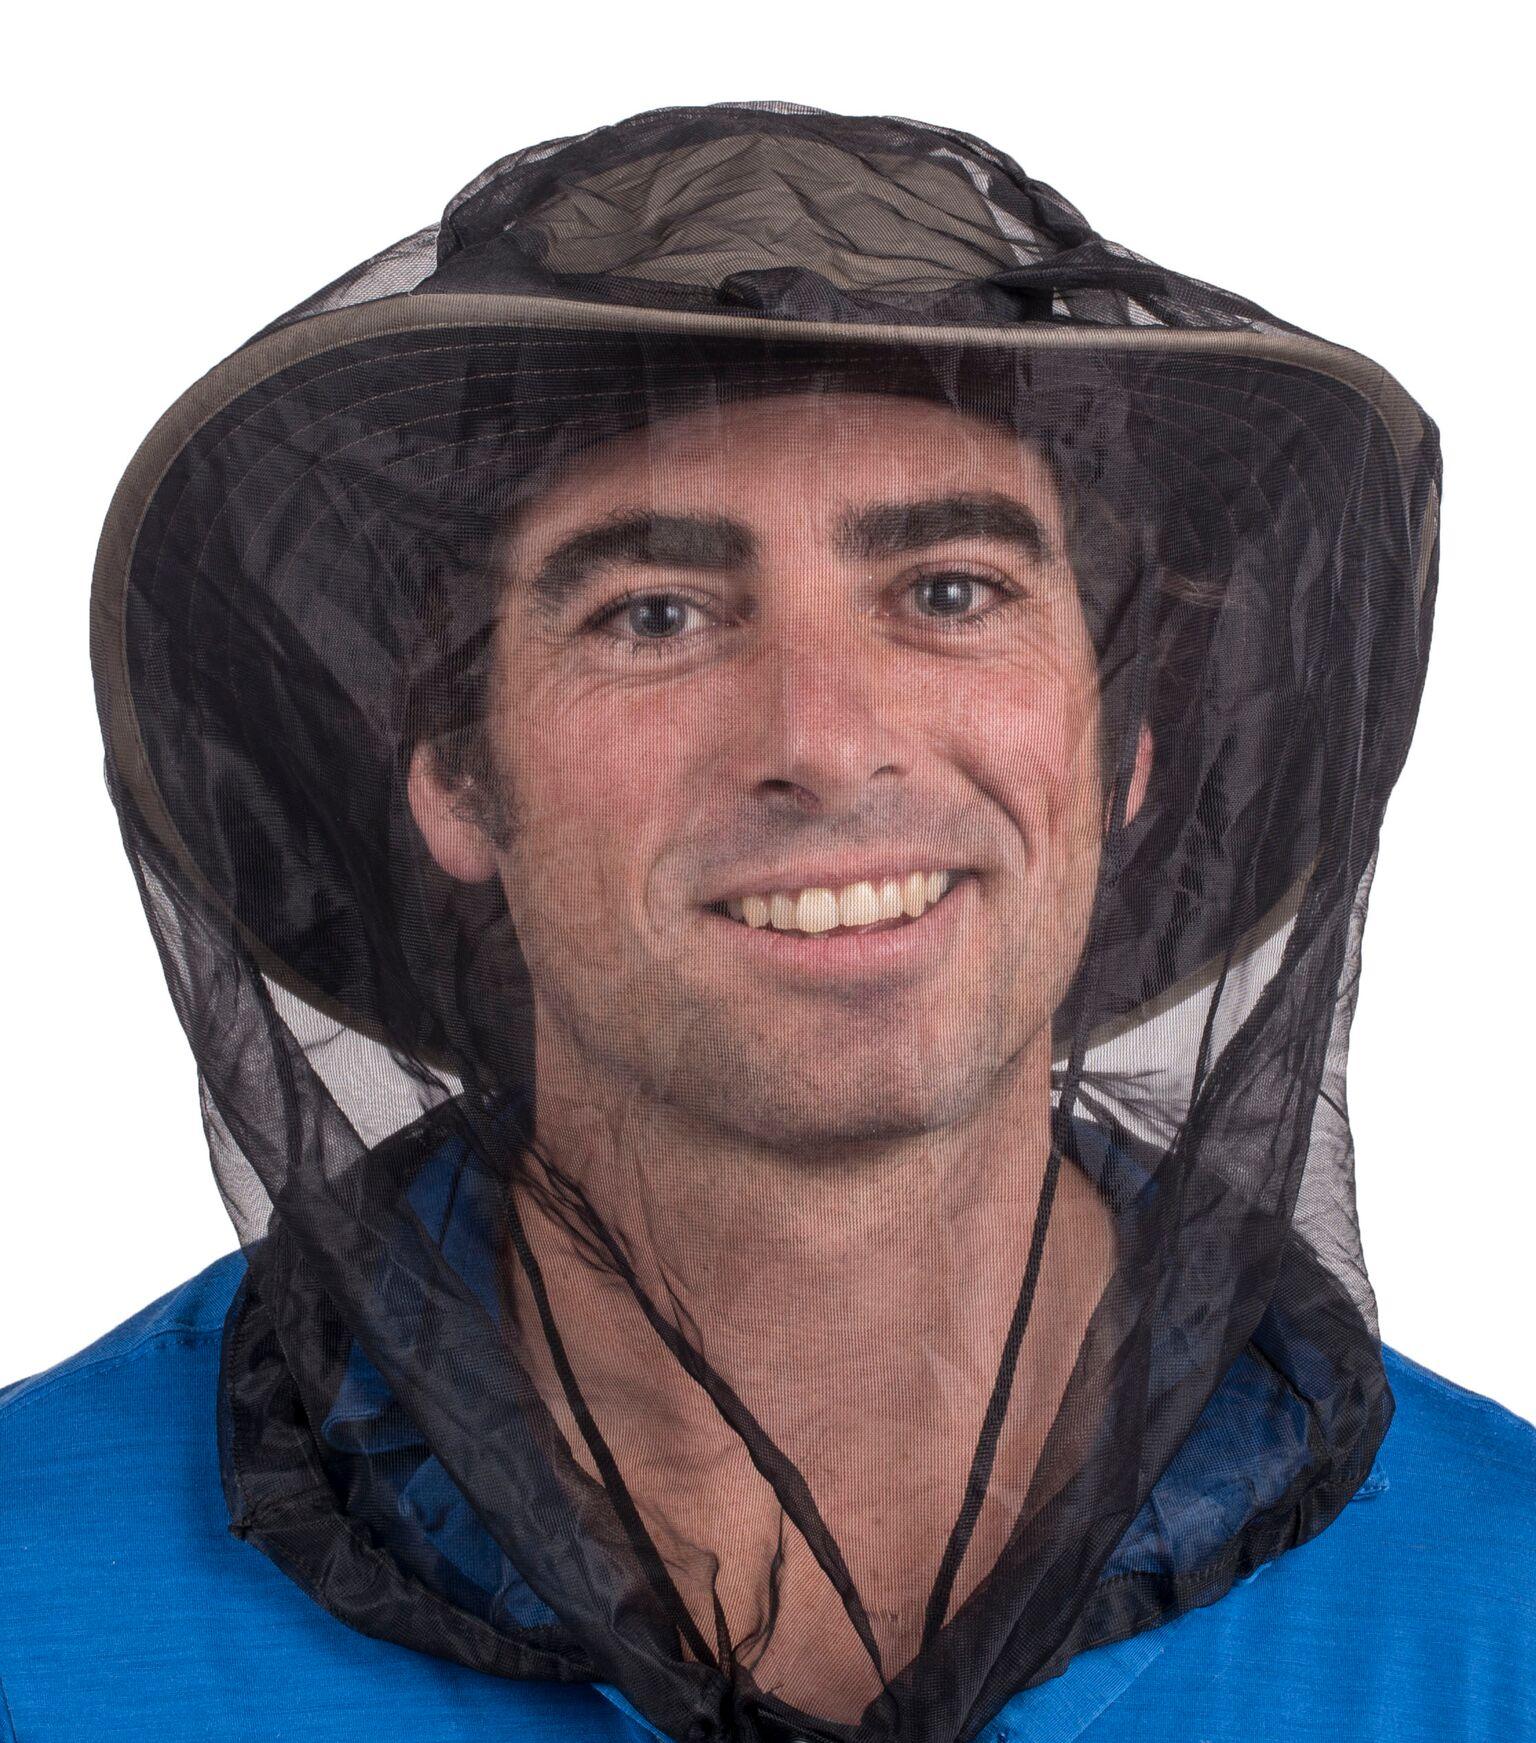 Ultra-fine mesh headnet black fra N/A på fiskegrej.dk